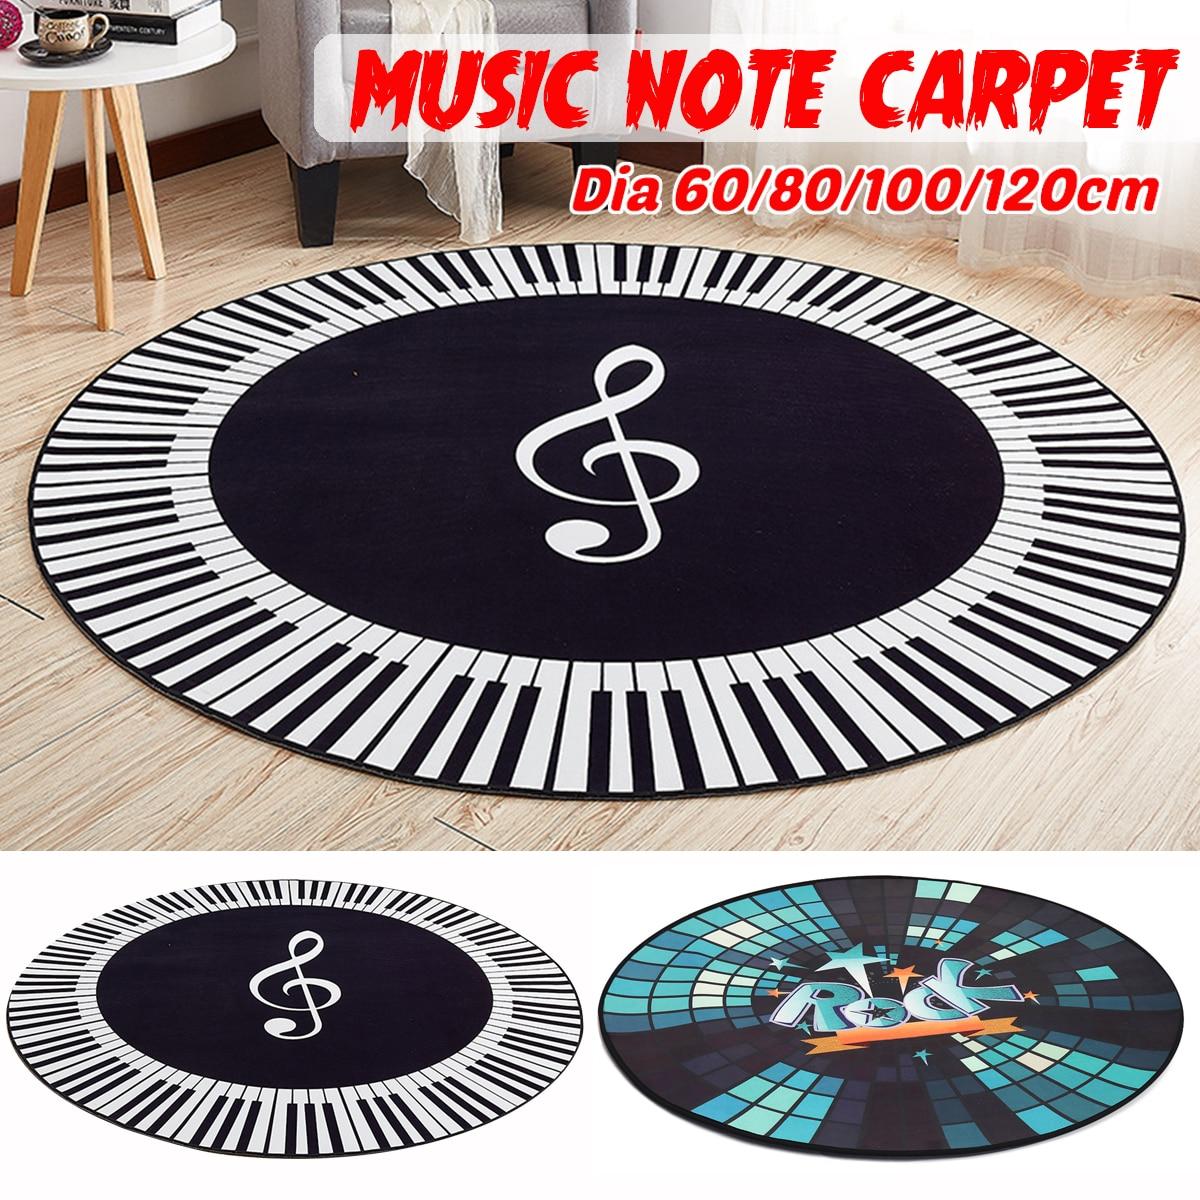 Новый Ковер Музыкальный символ фортепиано клавиши черный белый круглый ковер Противоскользящие коврики подставки для ног для дома спальни украшение для пола 4 размера